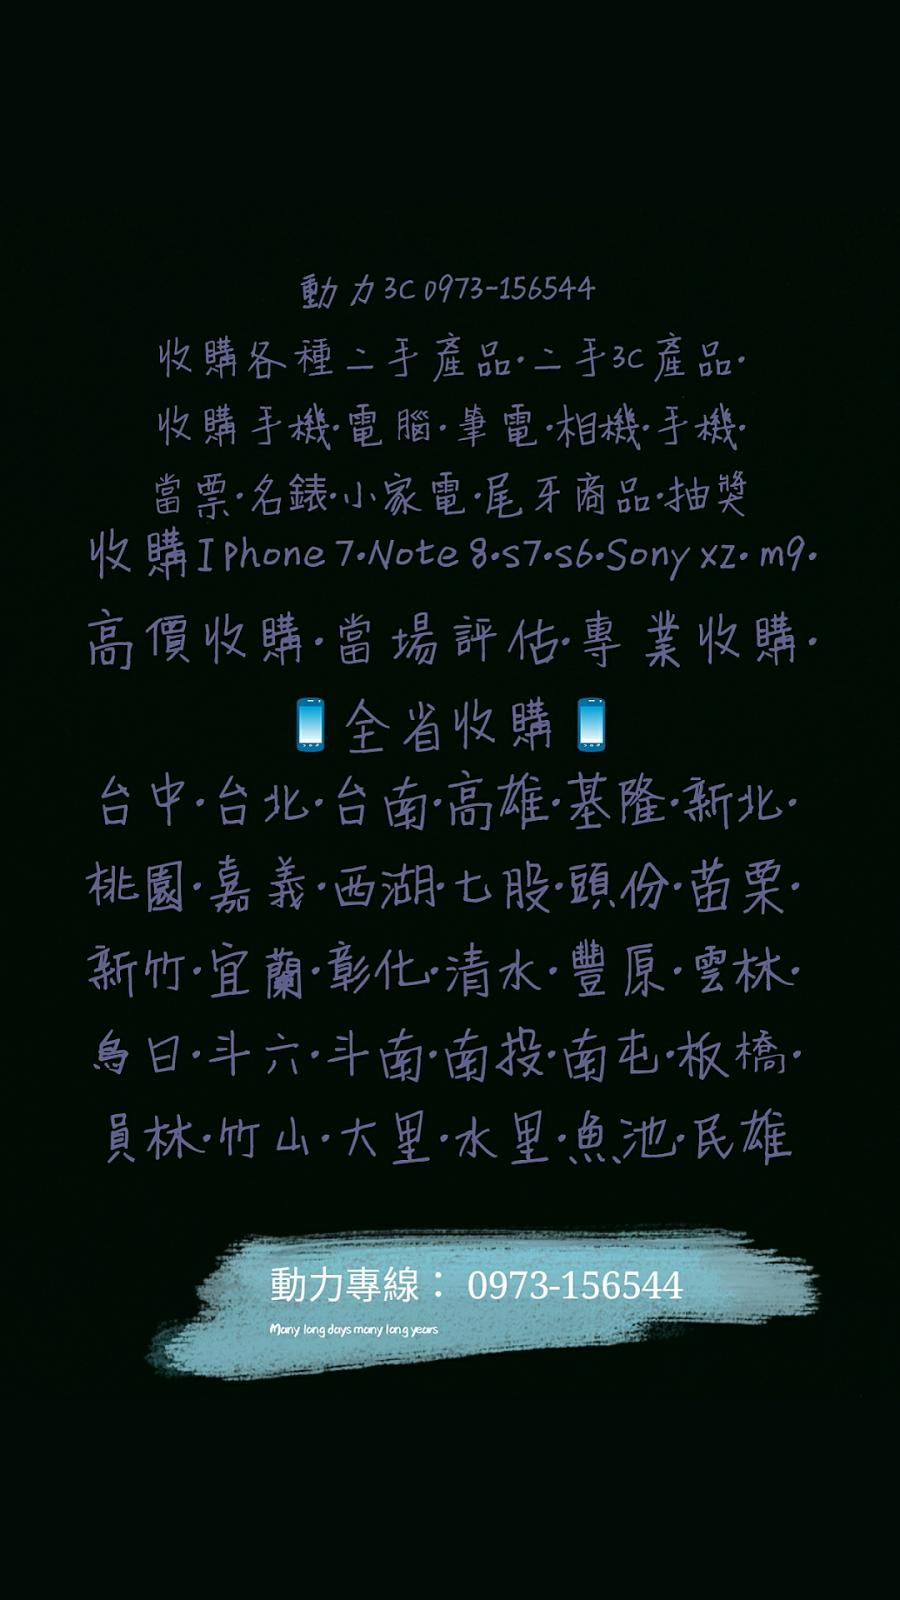 二手電腦回收,二手手機收購 0973-156544 彰化/鹿港/芬園/和美/北斗/二林/東勢/秀水/員林/臺中/沙鹿/龍井 白雲劈腿 ...